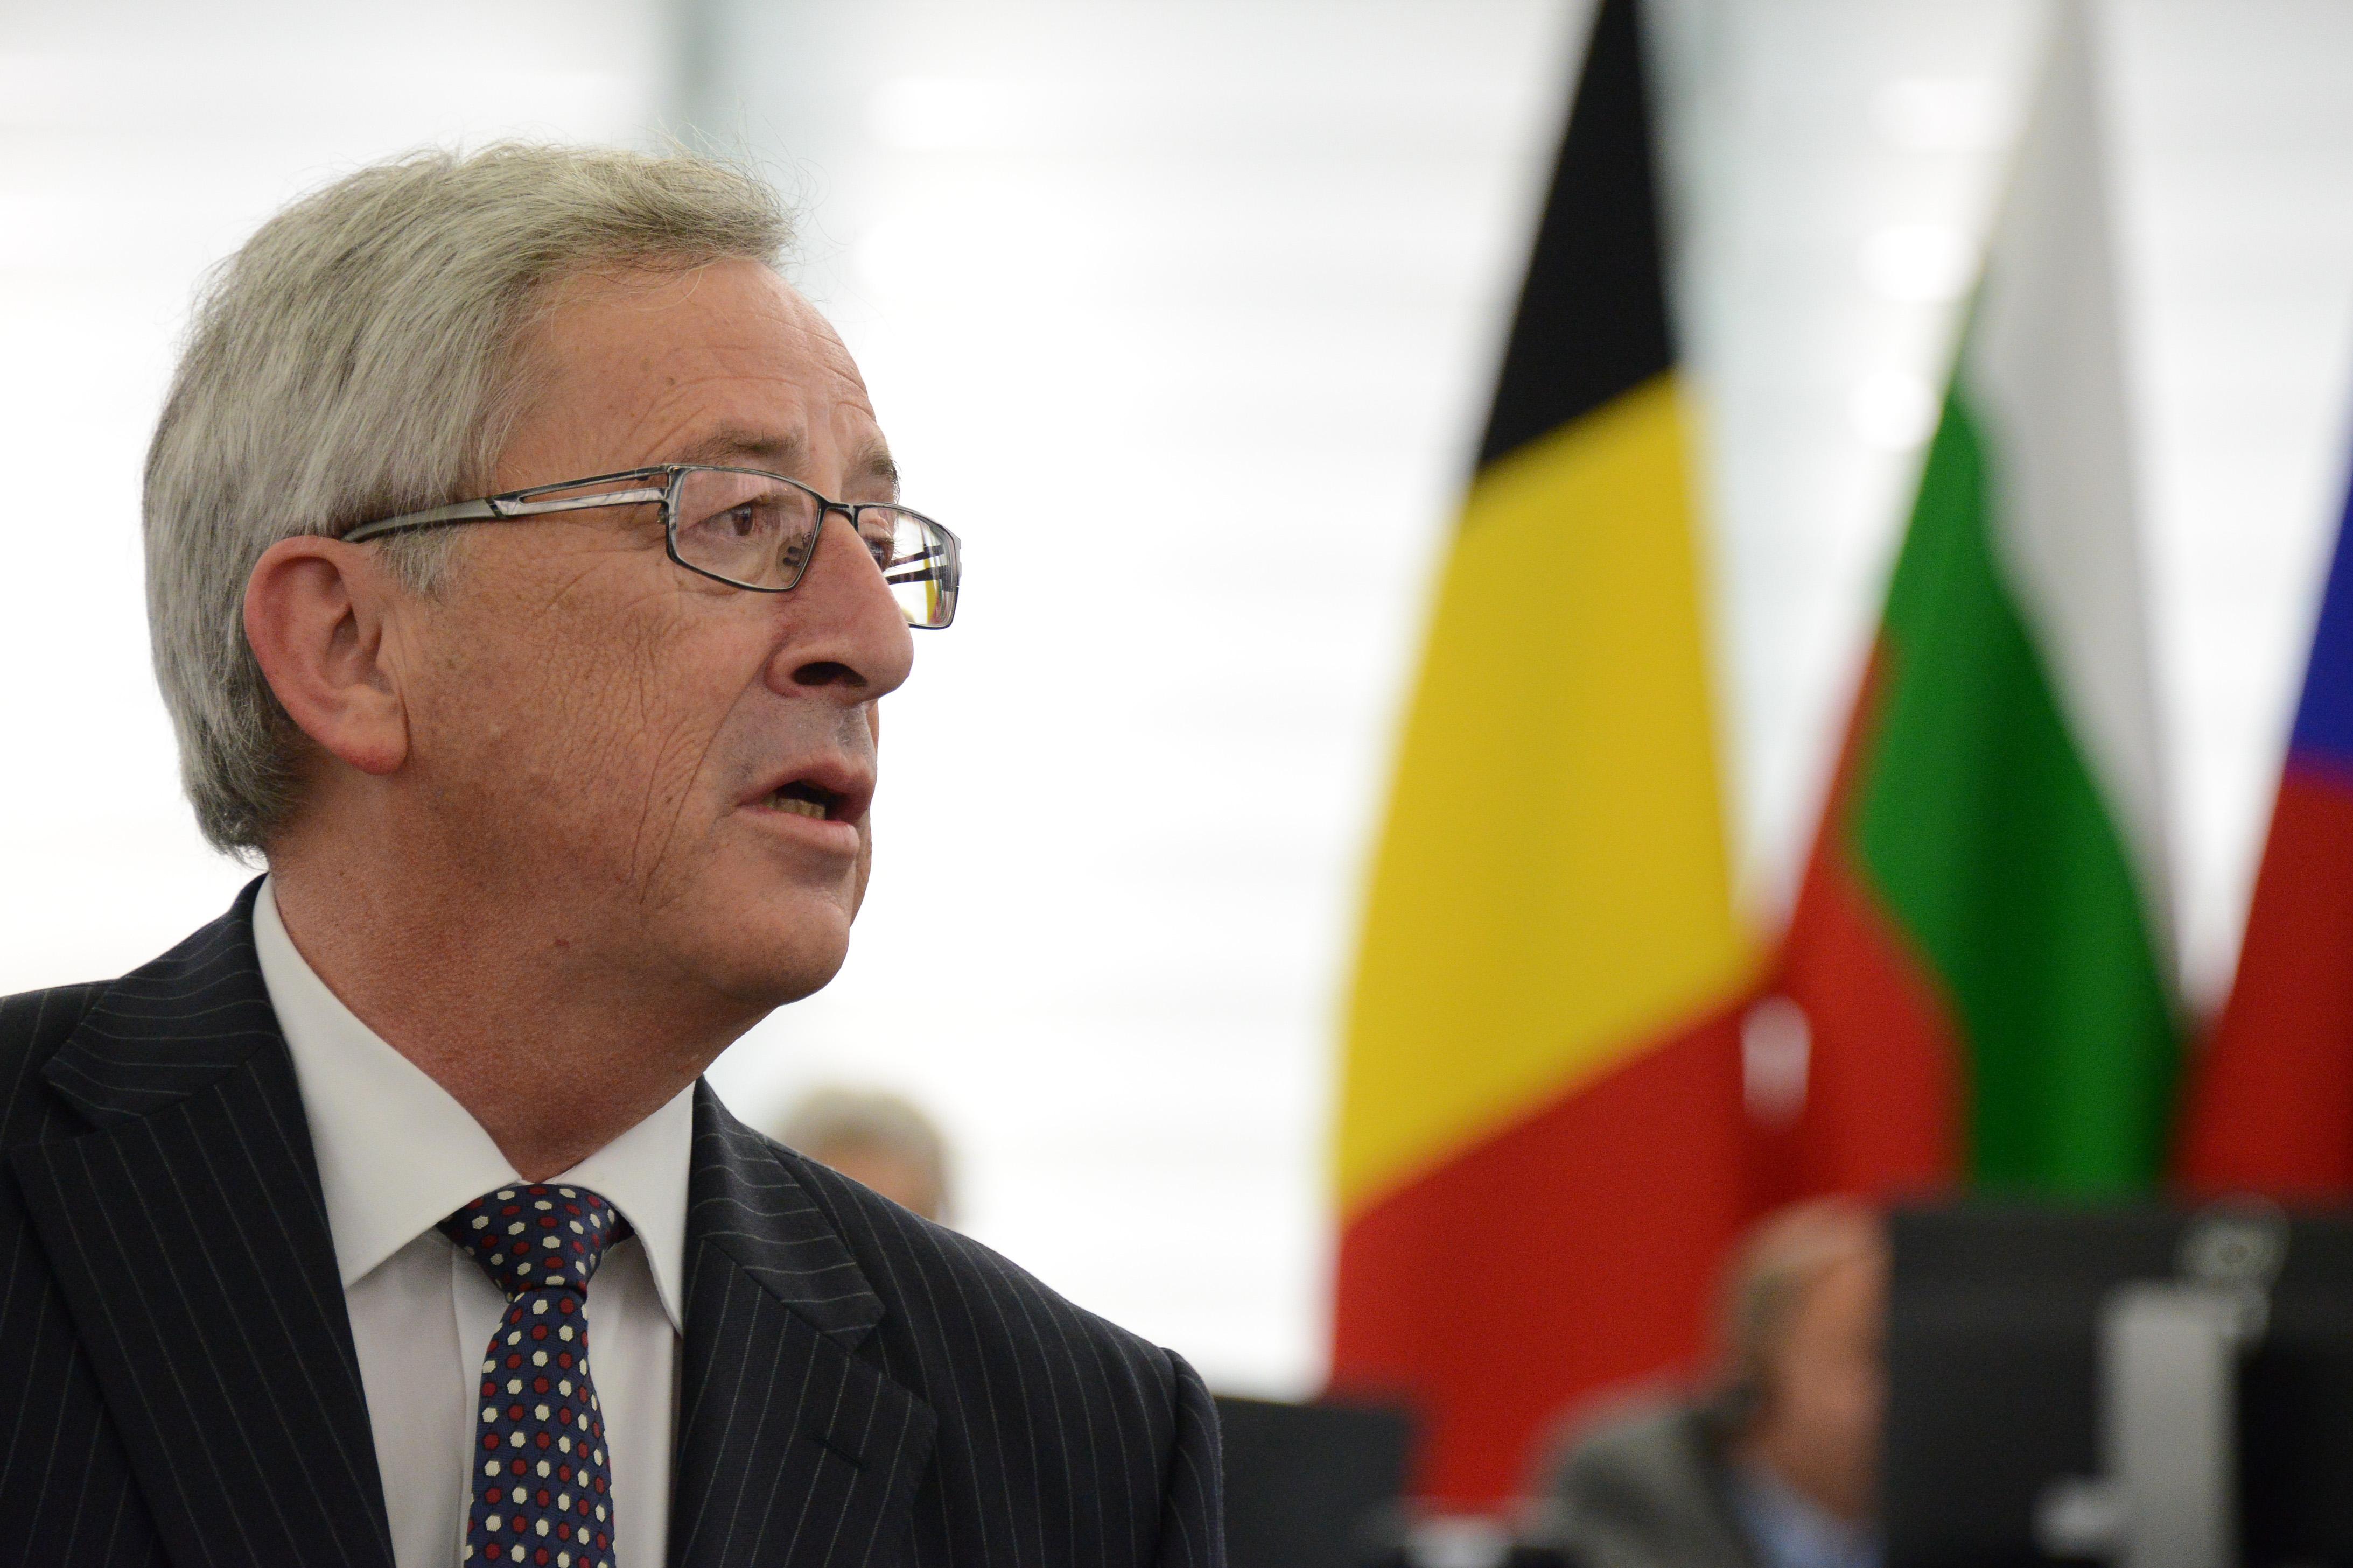 Добър избор ли е Юнкер за нас зависи от България